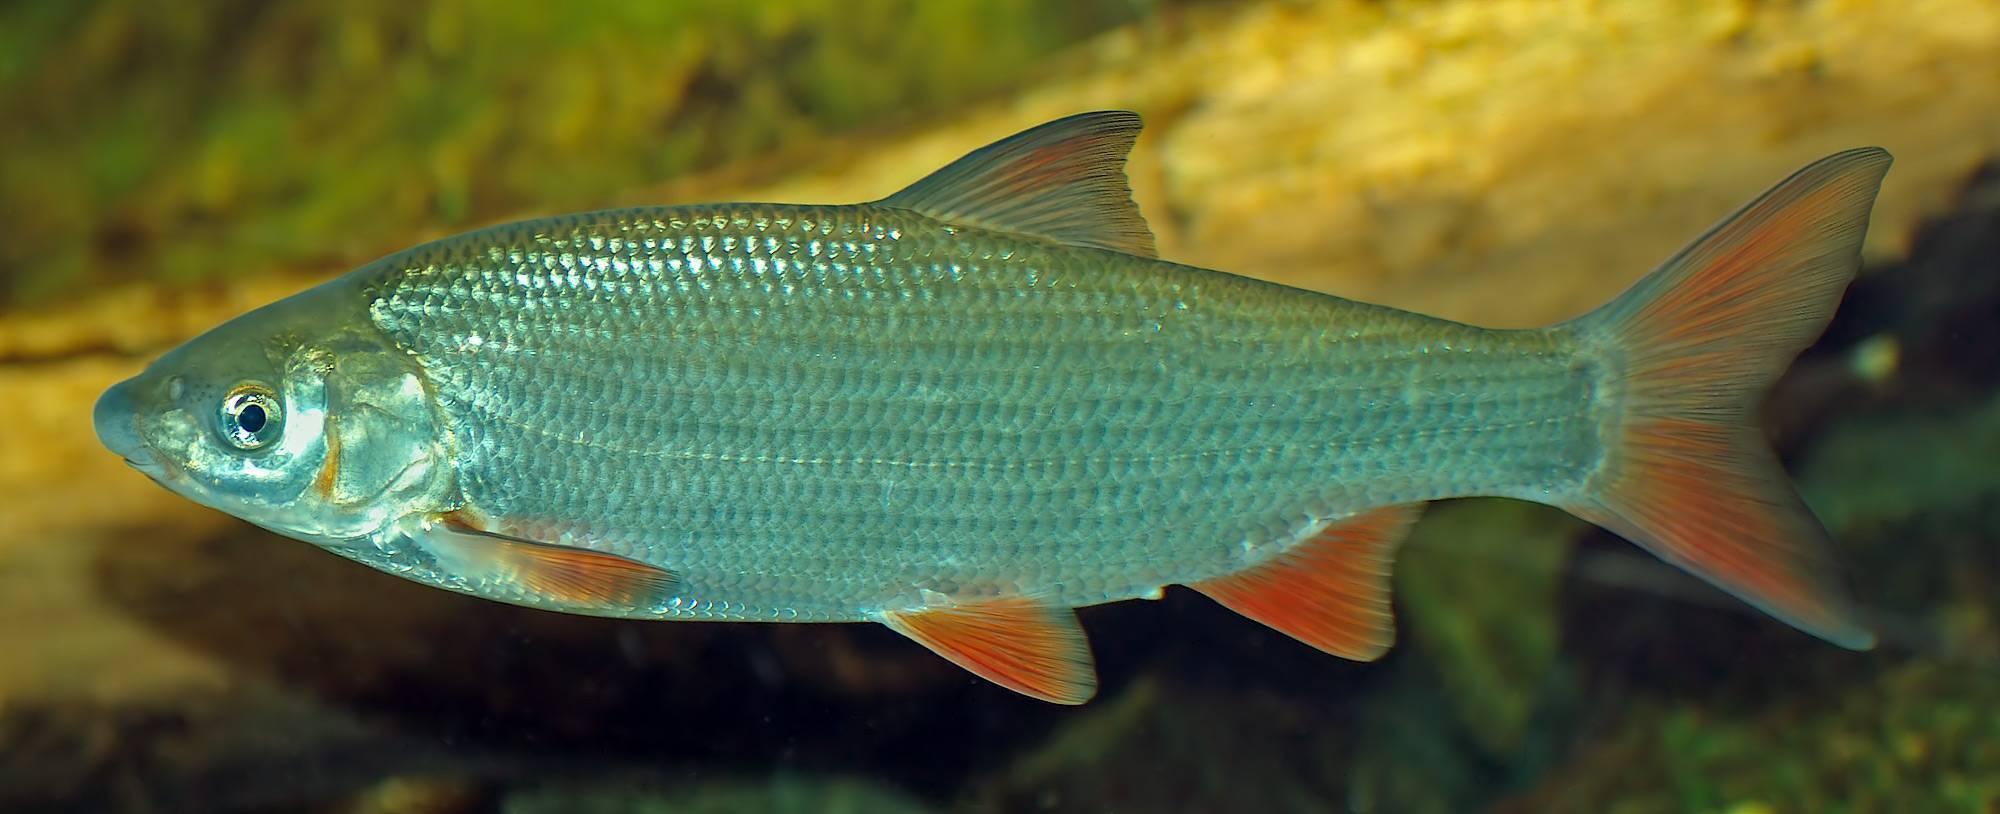 Подуст — описание рыбы, особенности техники, тактики и рекомендации по ловле (90 фото + видео)